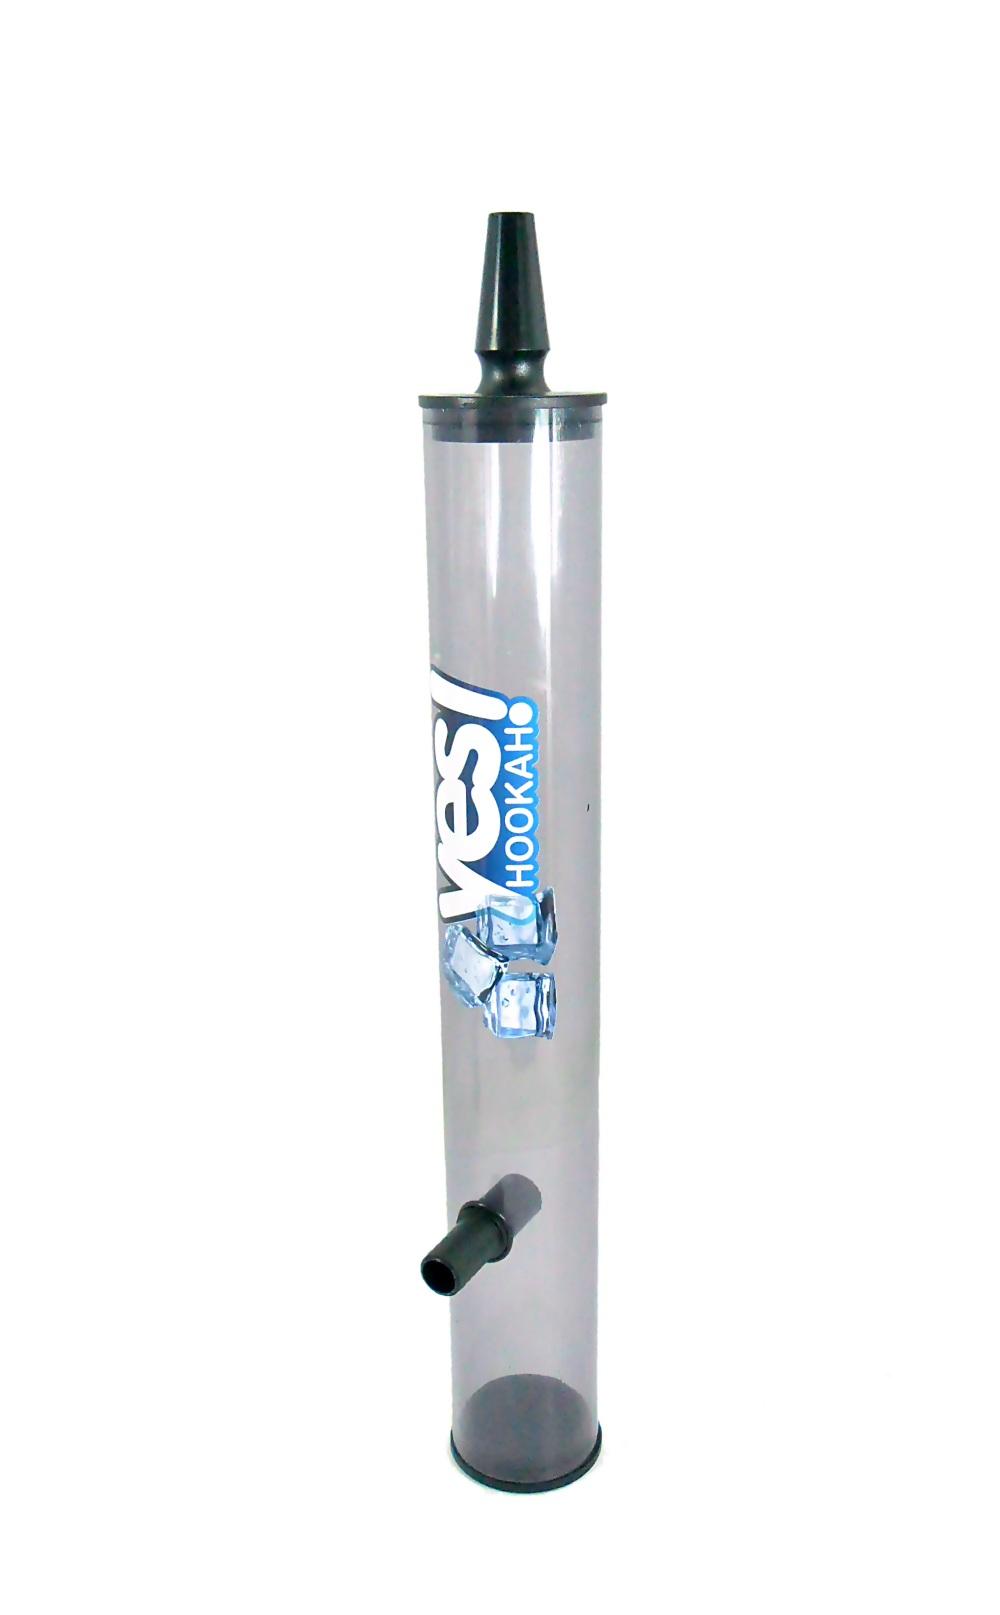 Piteira p/mangueira de narguile YES STRONG ICE para GELAR A FUMAÇA (coloque gelo), acrílico translúcido. 35cm.